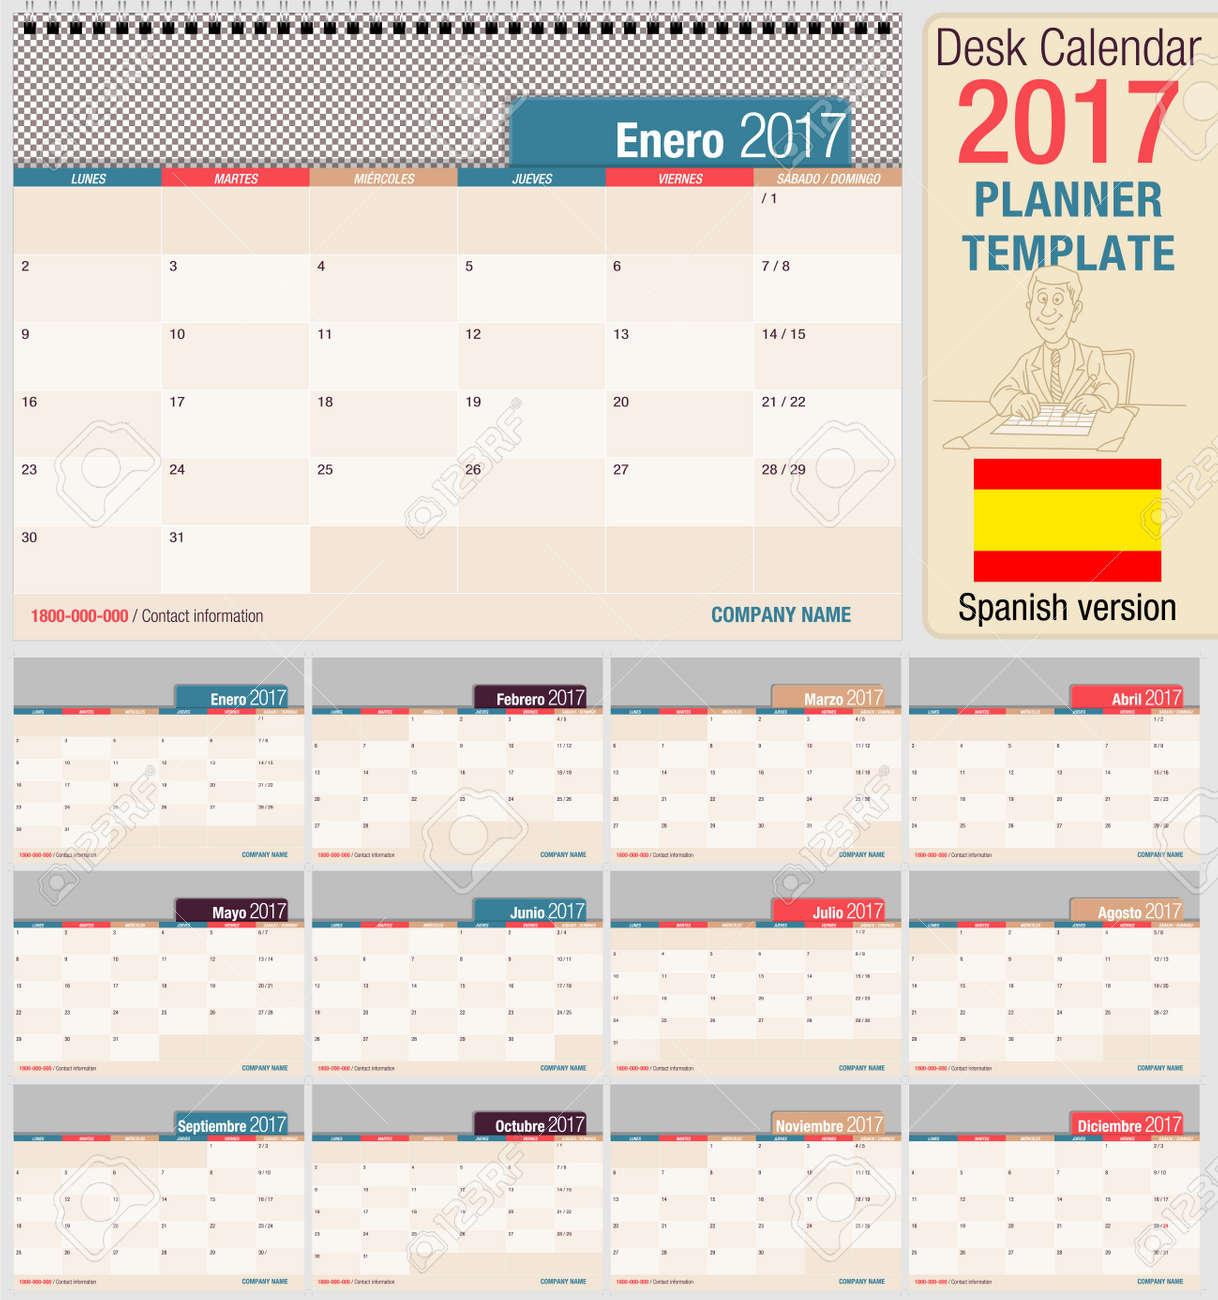 Großzügig Tischkalender Vorlage Galerie - Ideen fortsetzen ...